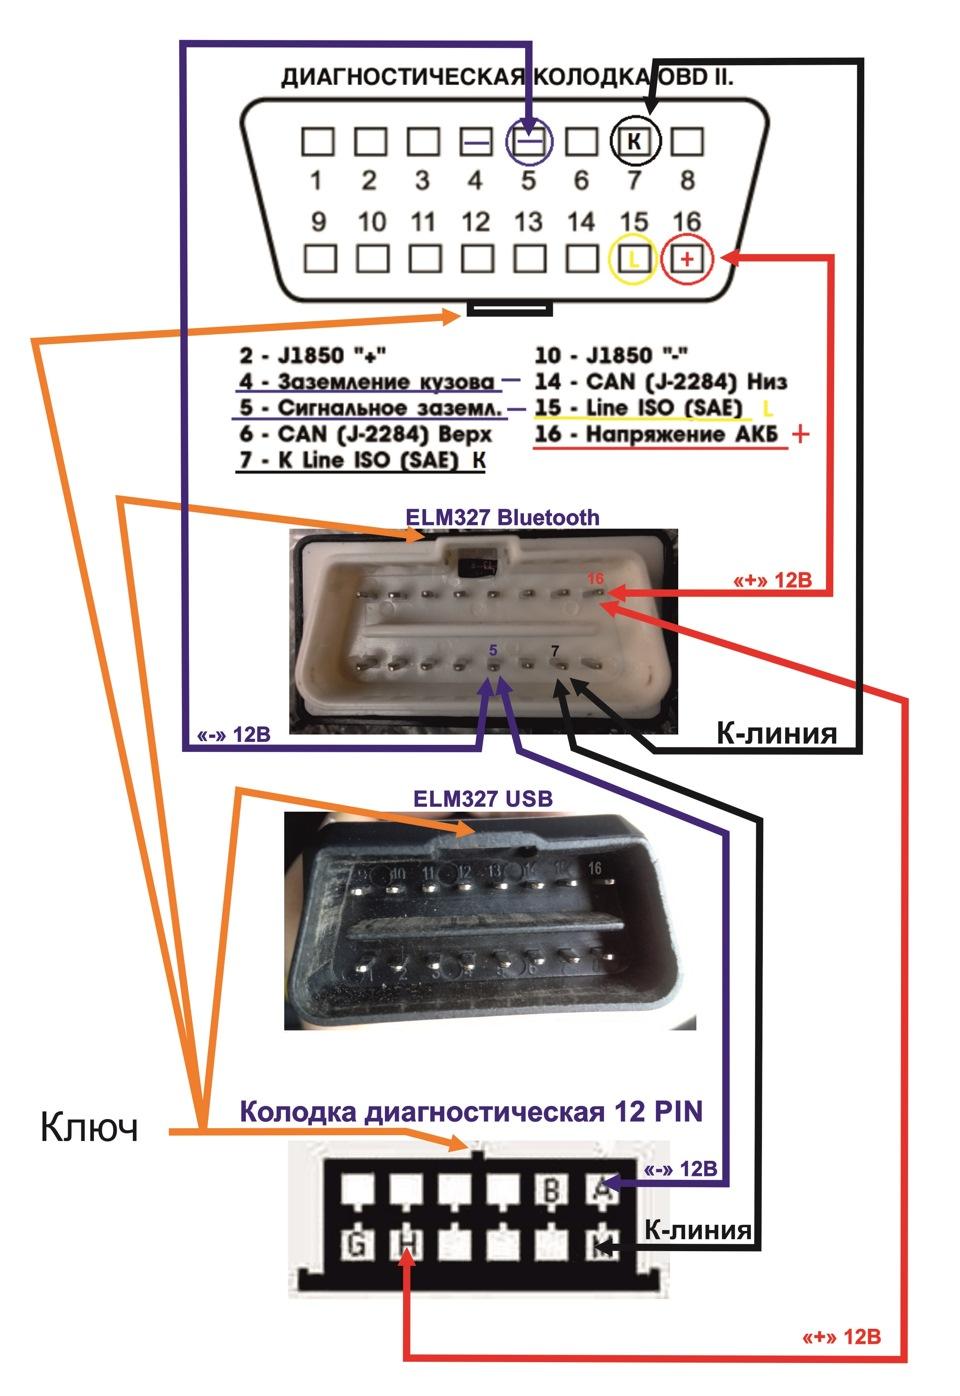 Схема адаптера на elm327